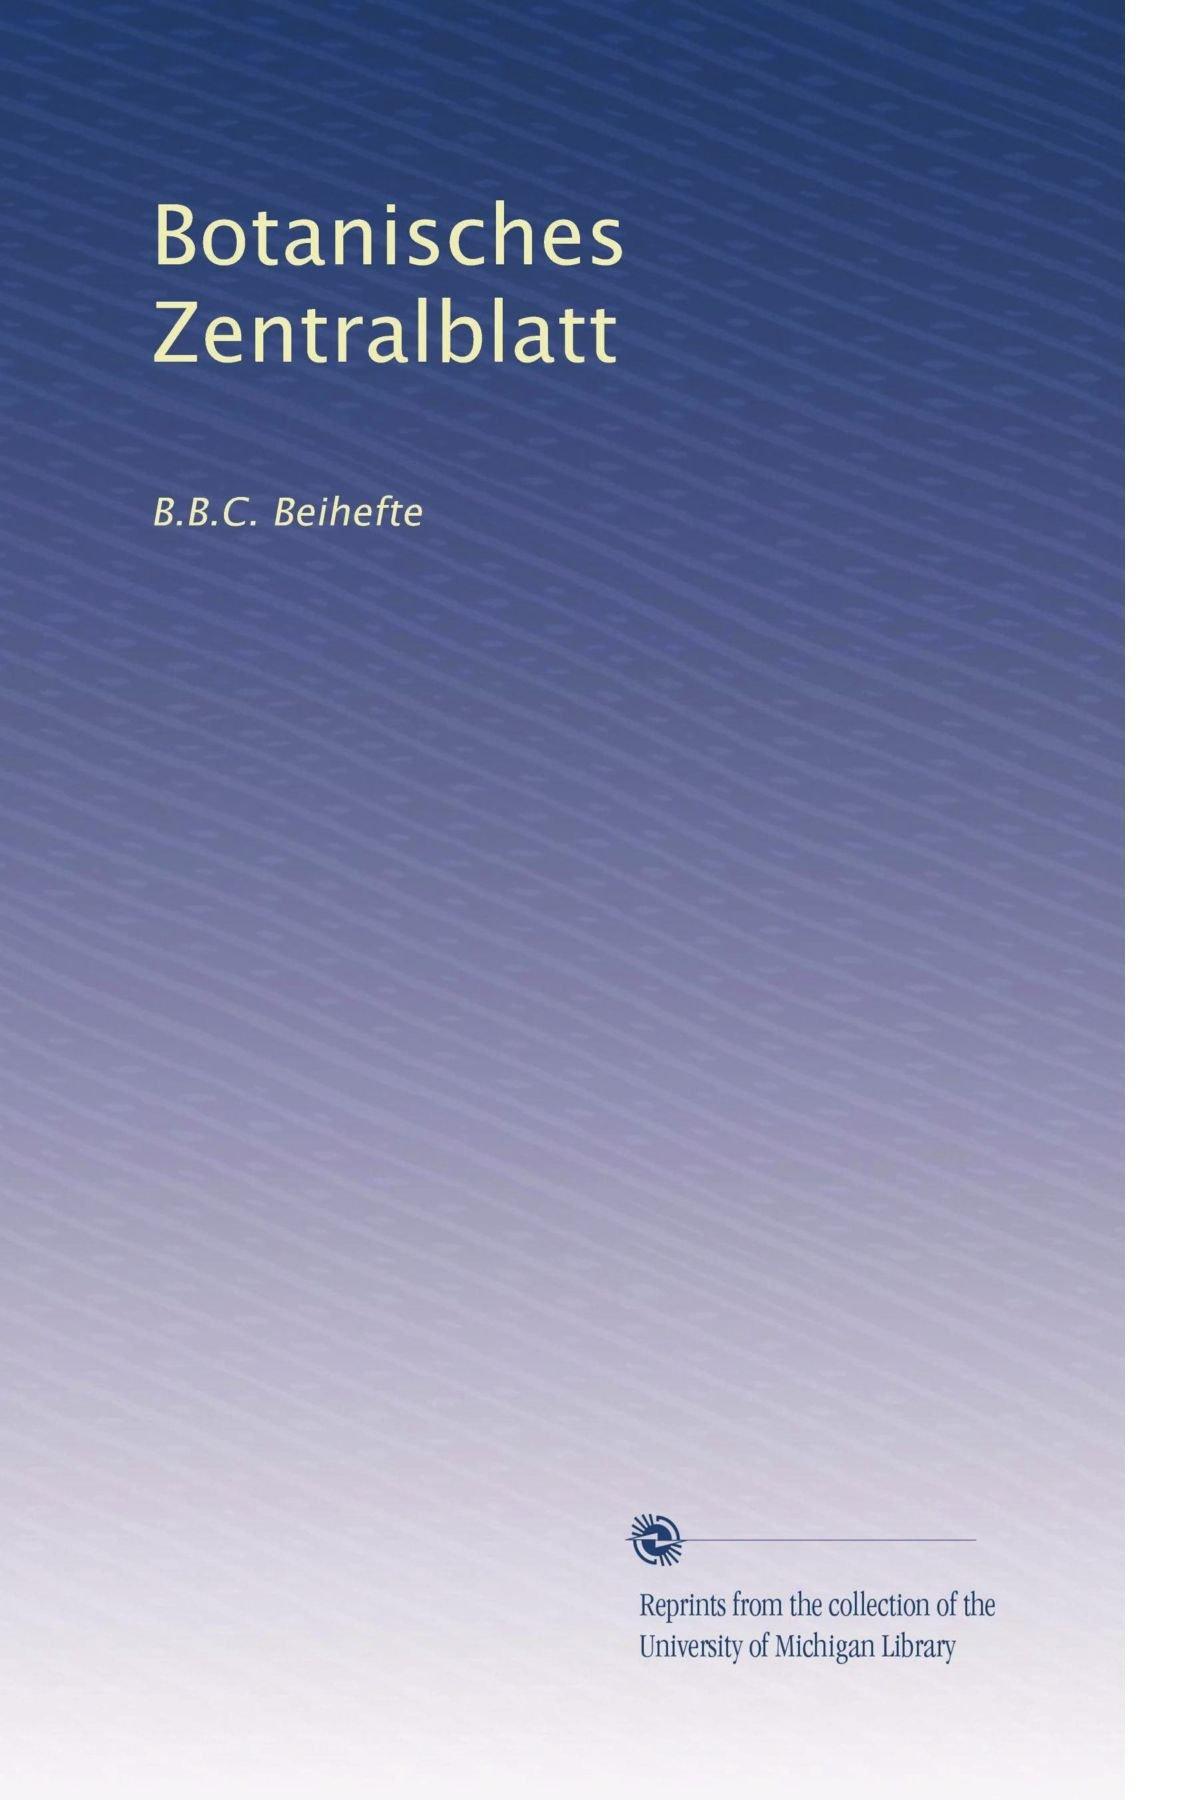 Botanisches Zentralblatt: B.B.C. Beihefte (Volume 52) (German Edition) PDF